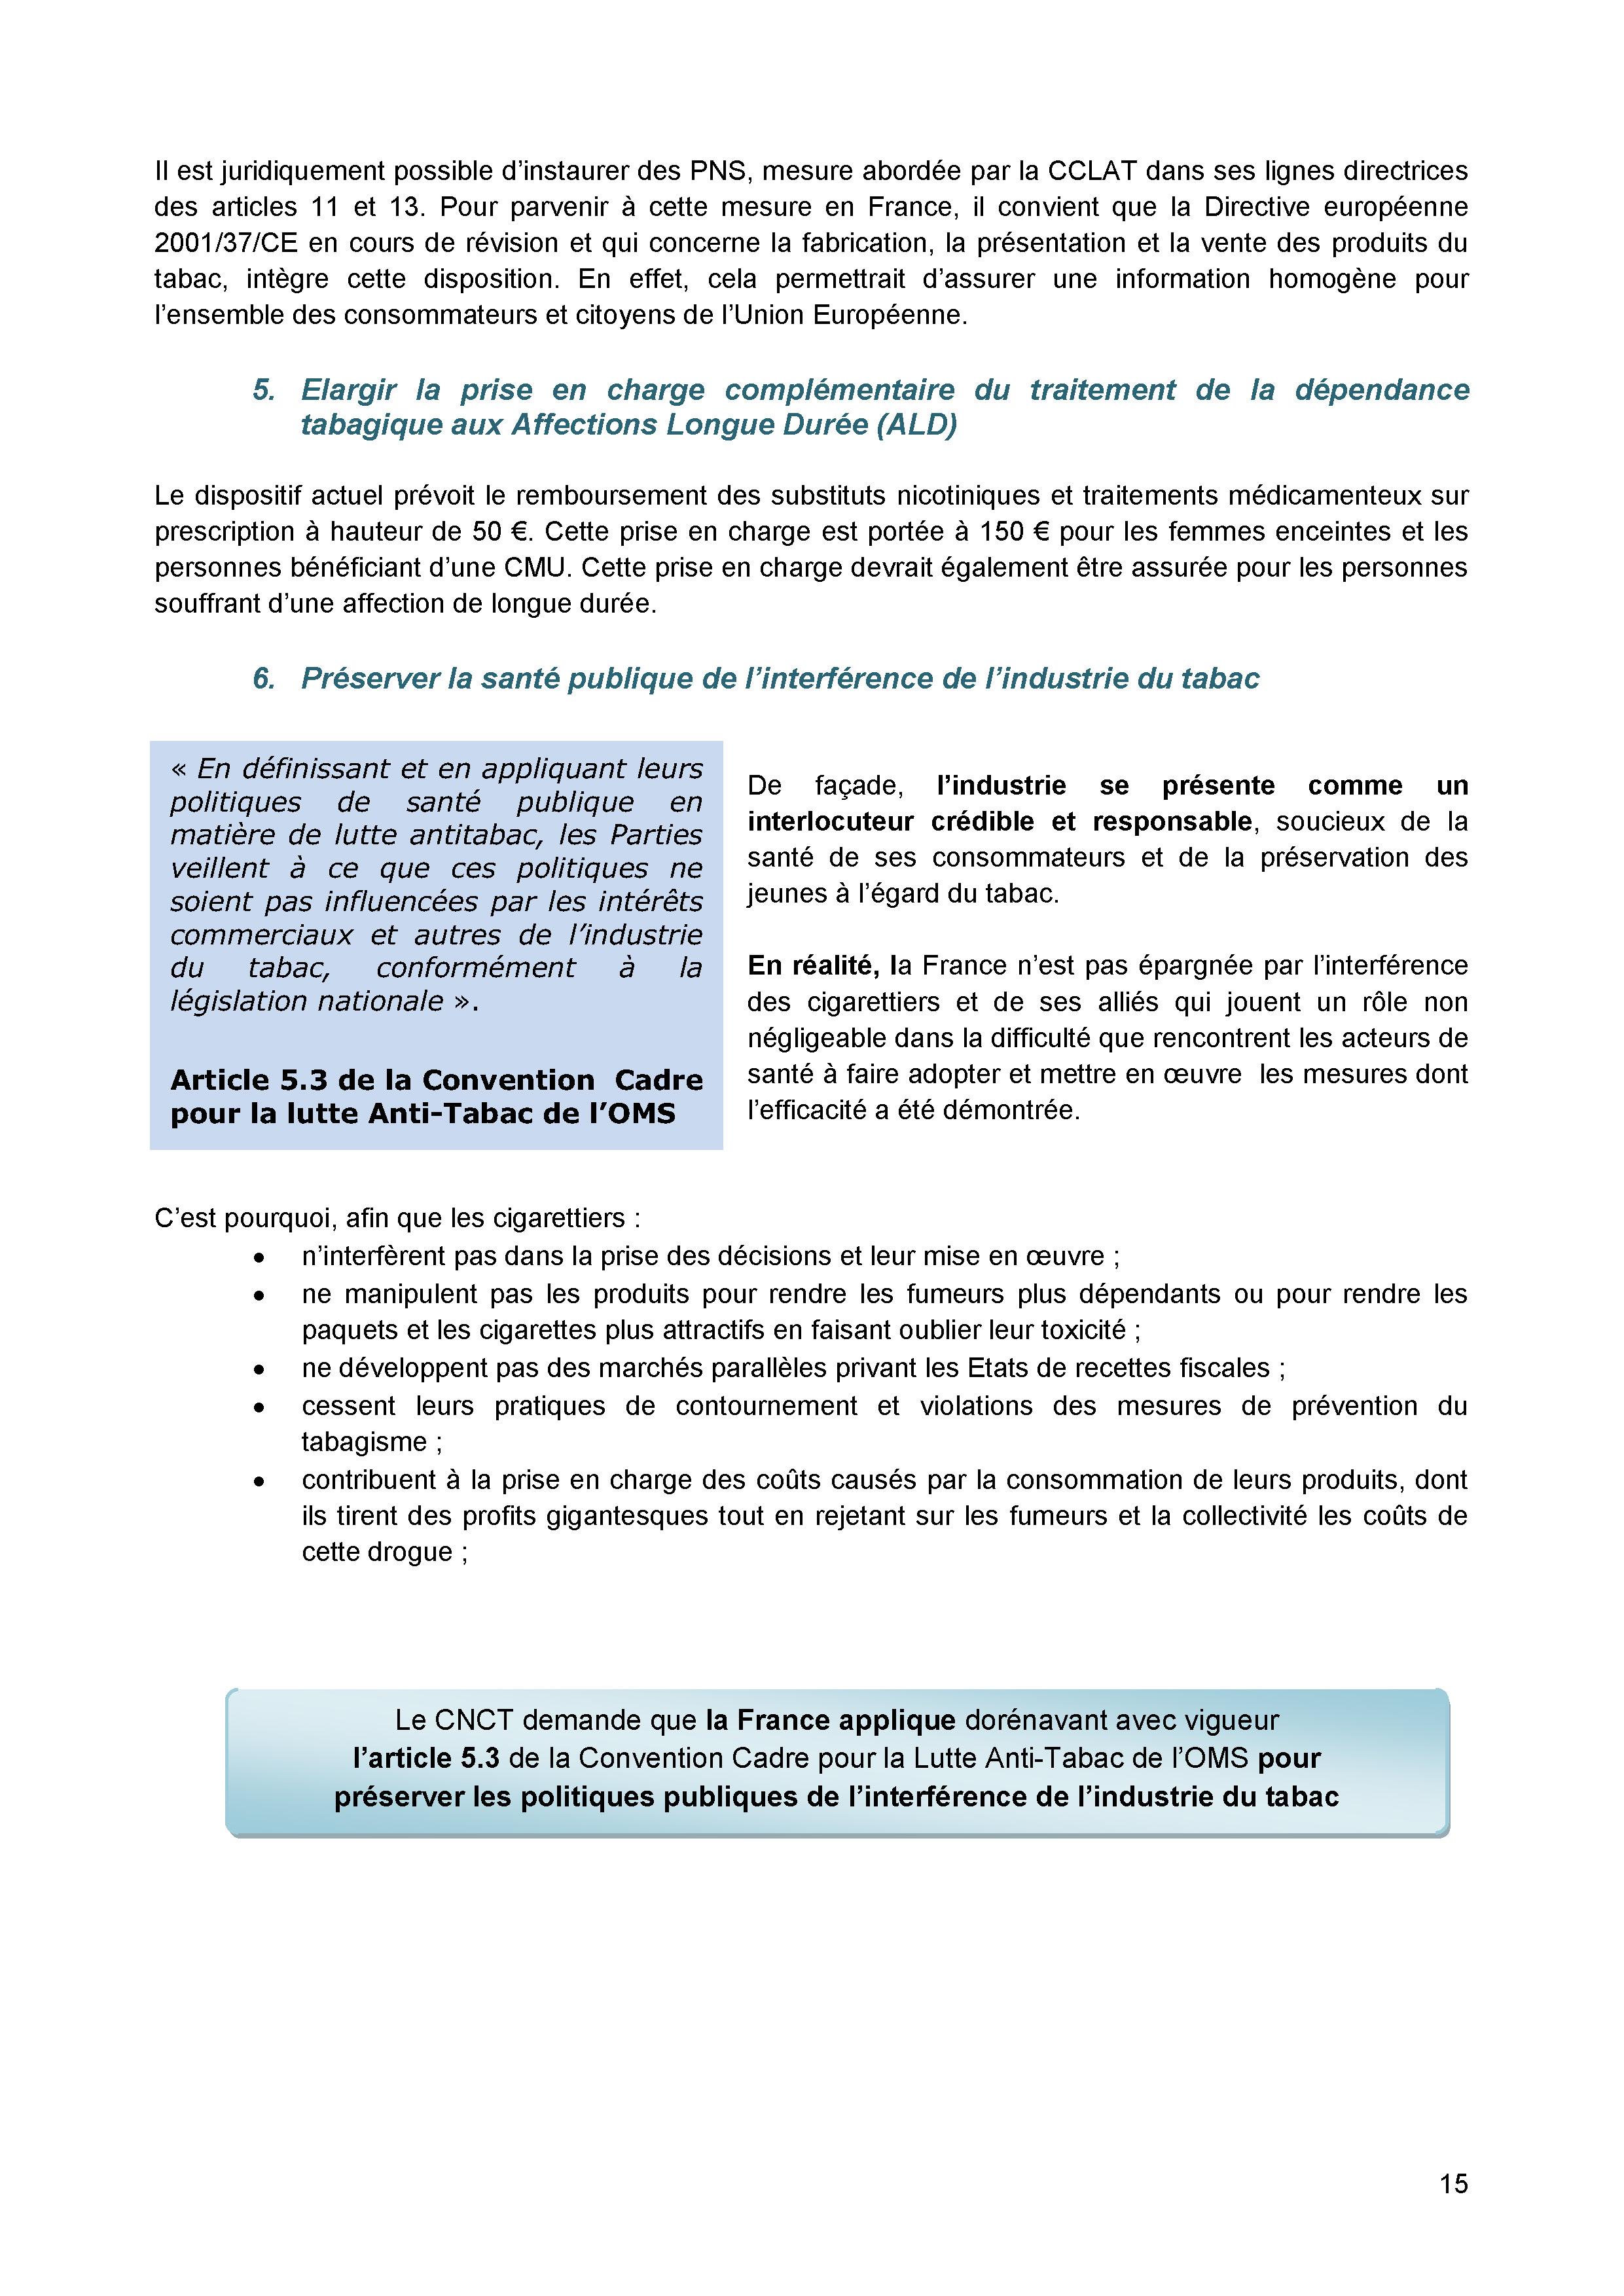 CNCT-DP-l-envers-du-decor-17mai2011_Page_15.jpg